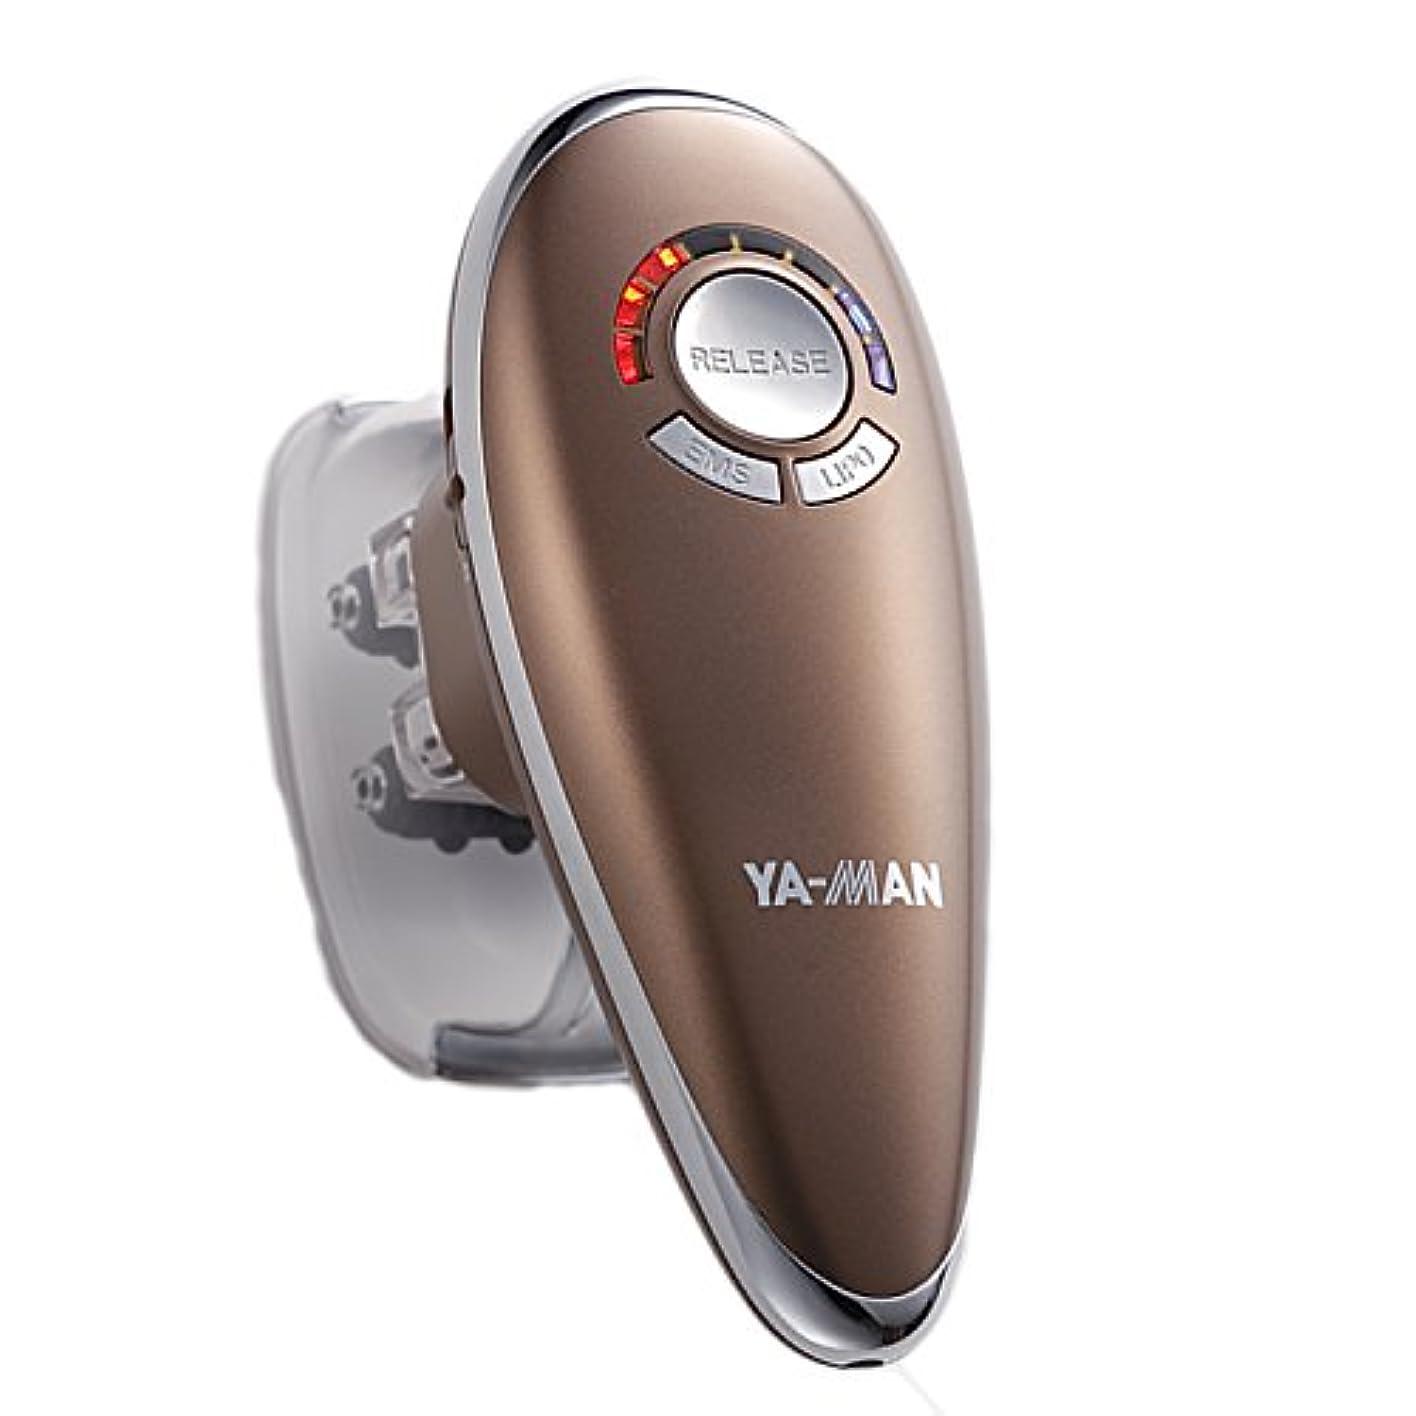 欲求不満耳有効YA-MAN(ヤーマン) ダイエット アセチノリポボディスリムEX ブロンズ セルライト マッサージ ボディ バスト IB30T